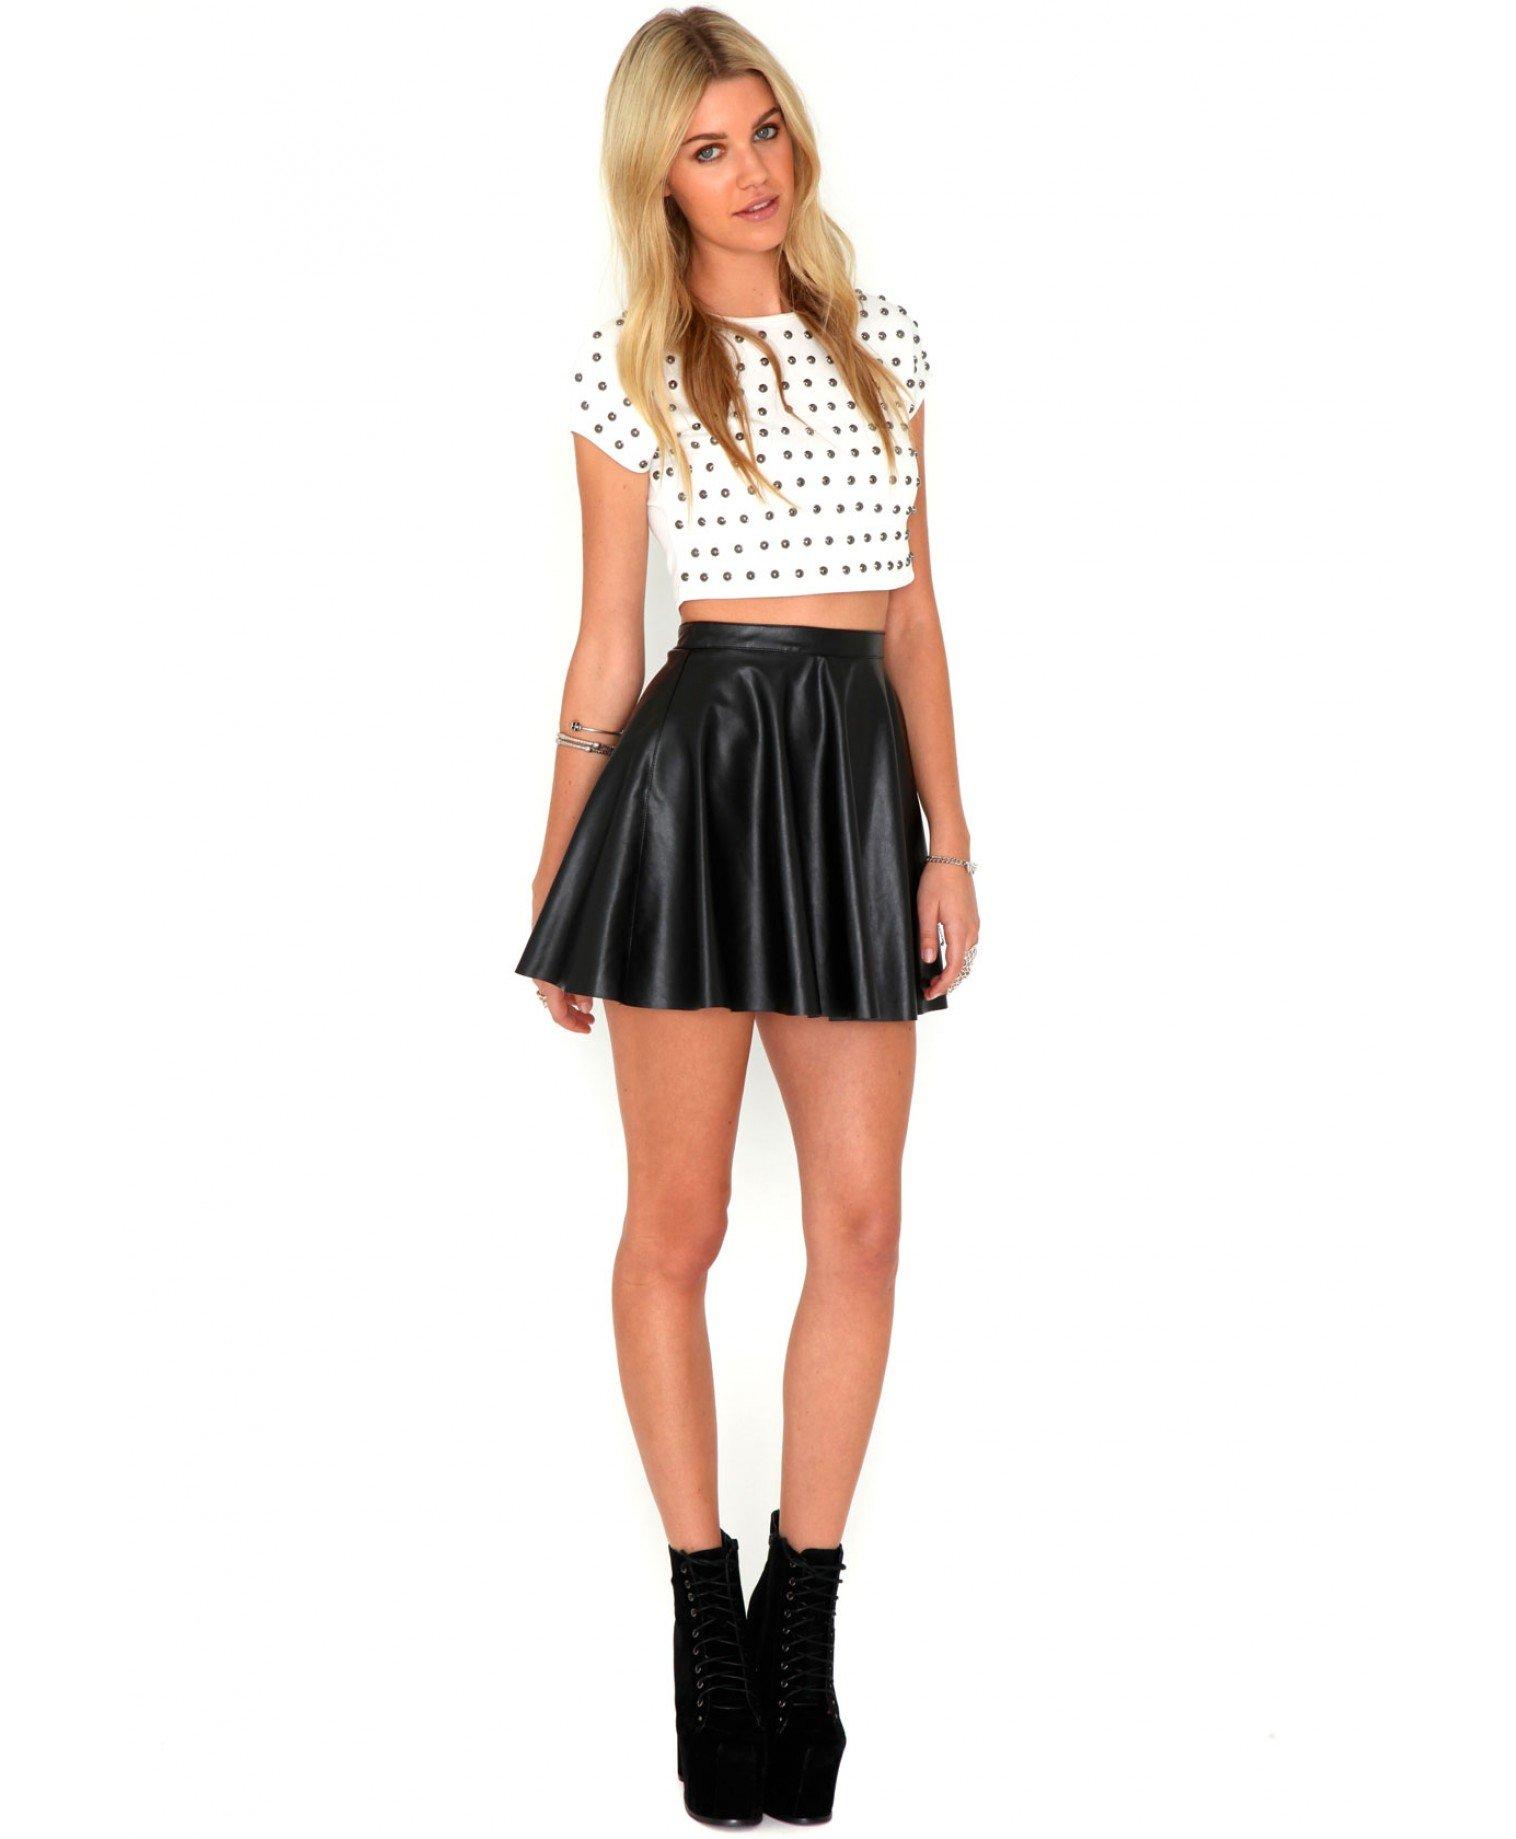 d3770b9a11 Leather Skater Skirt | Skirt Direct